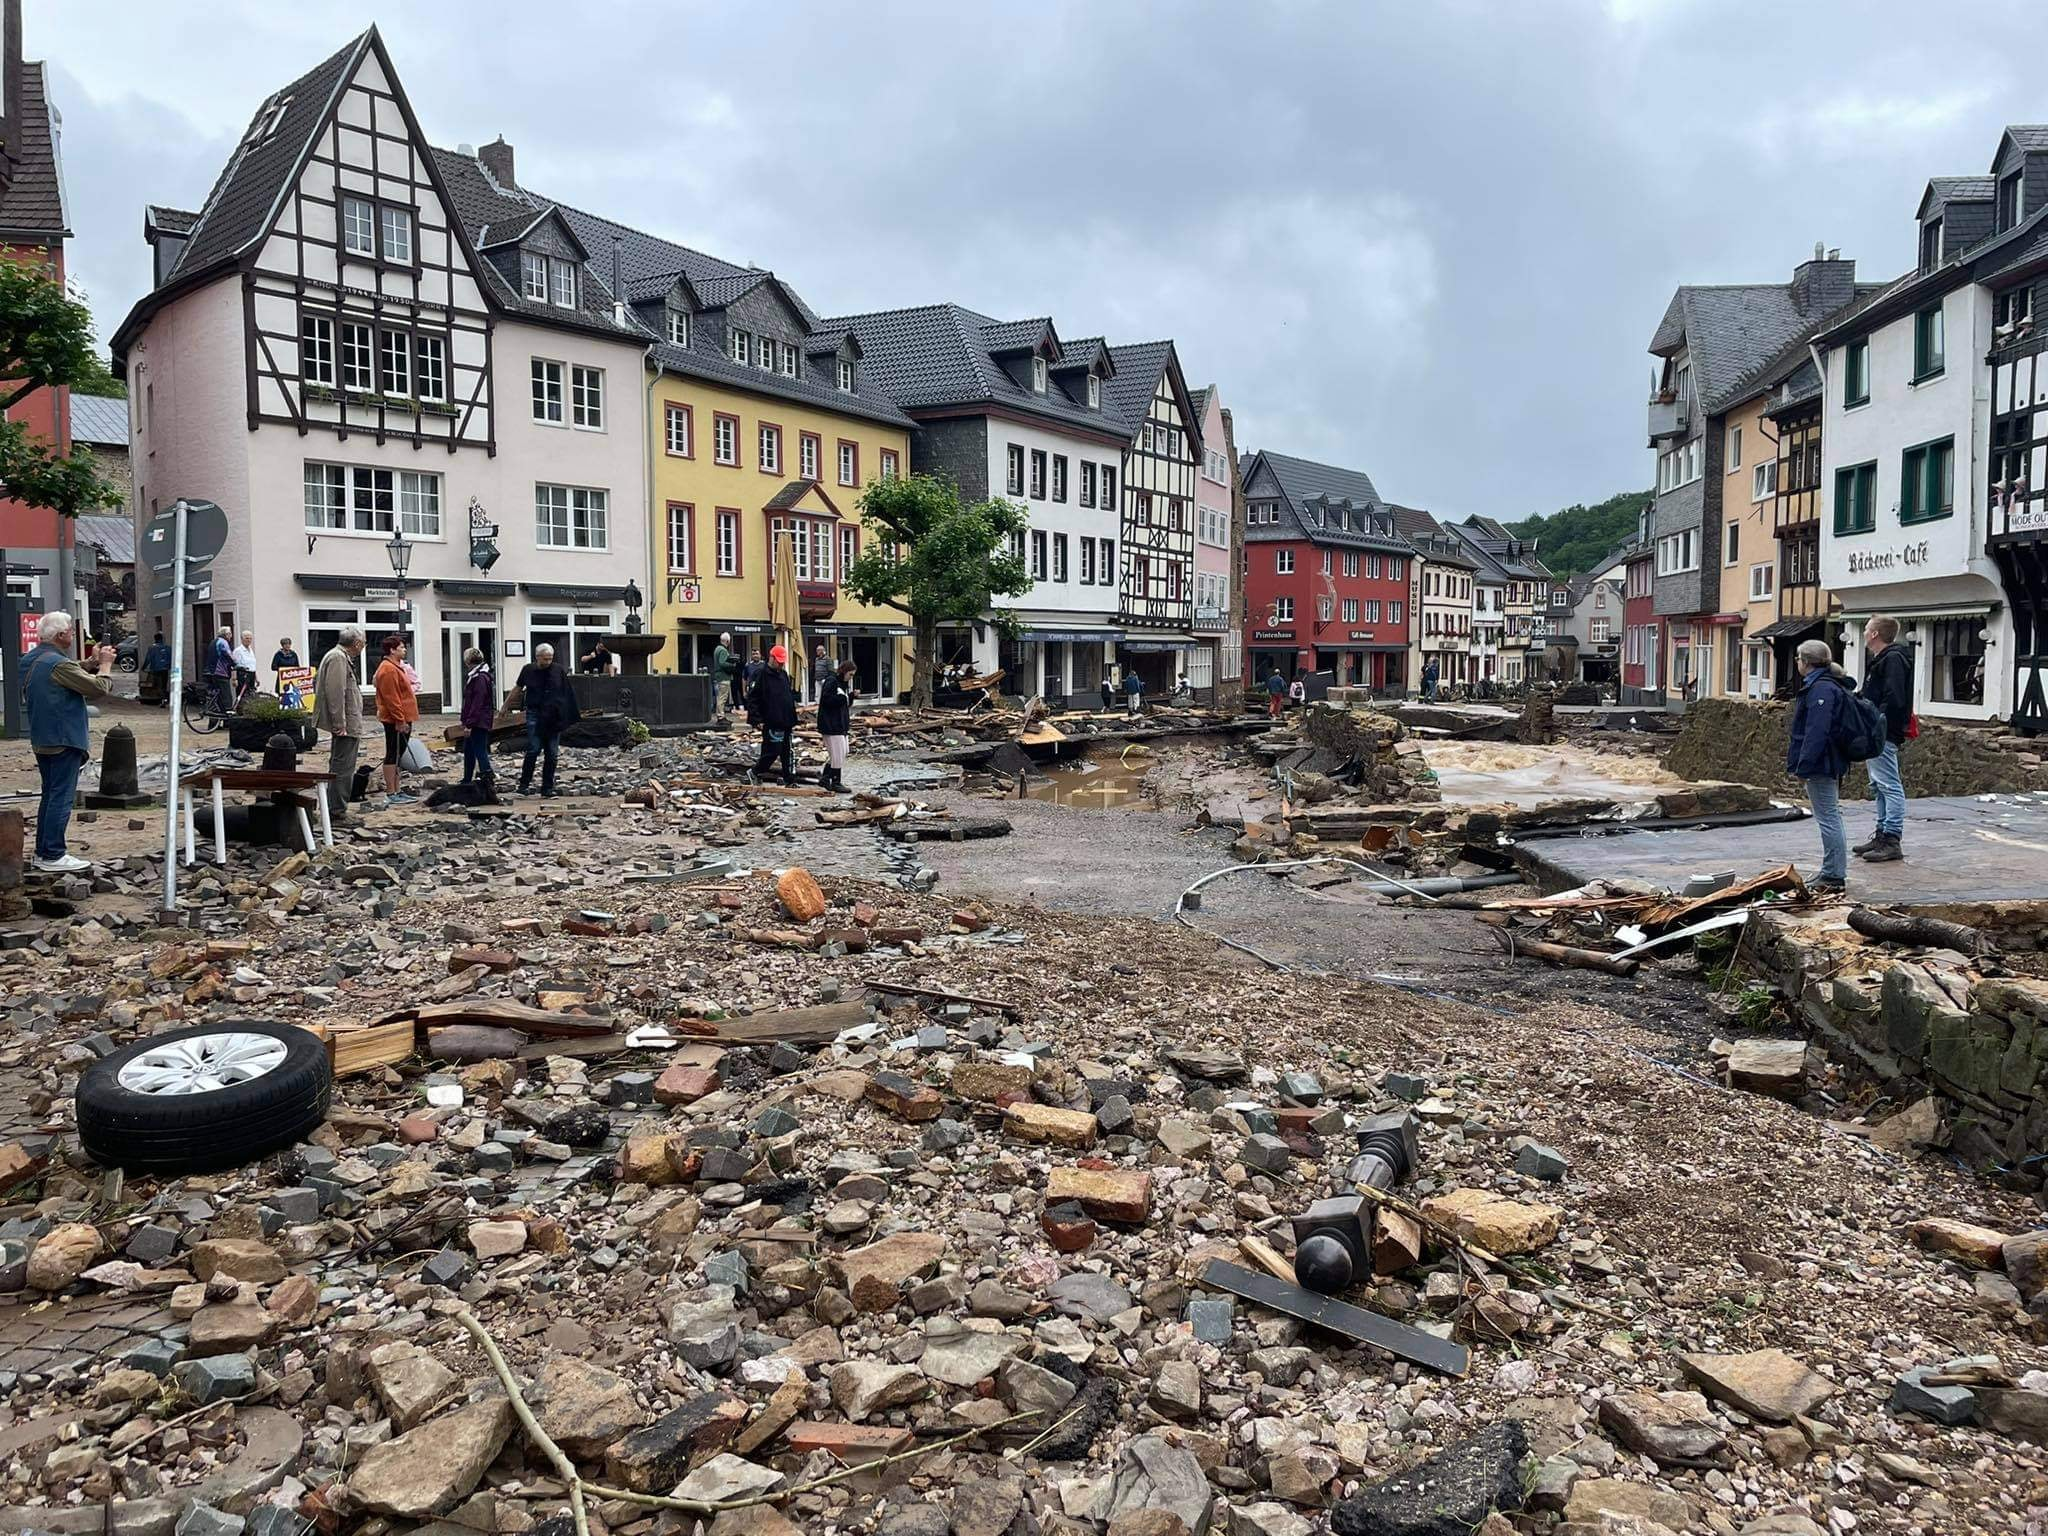 أكثر من 150 قتيل نتيجة الفيضانات التاريخية في اوروبا